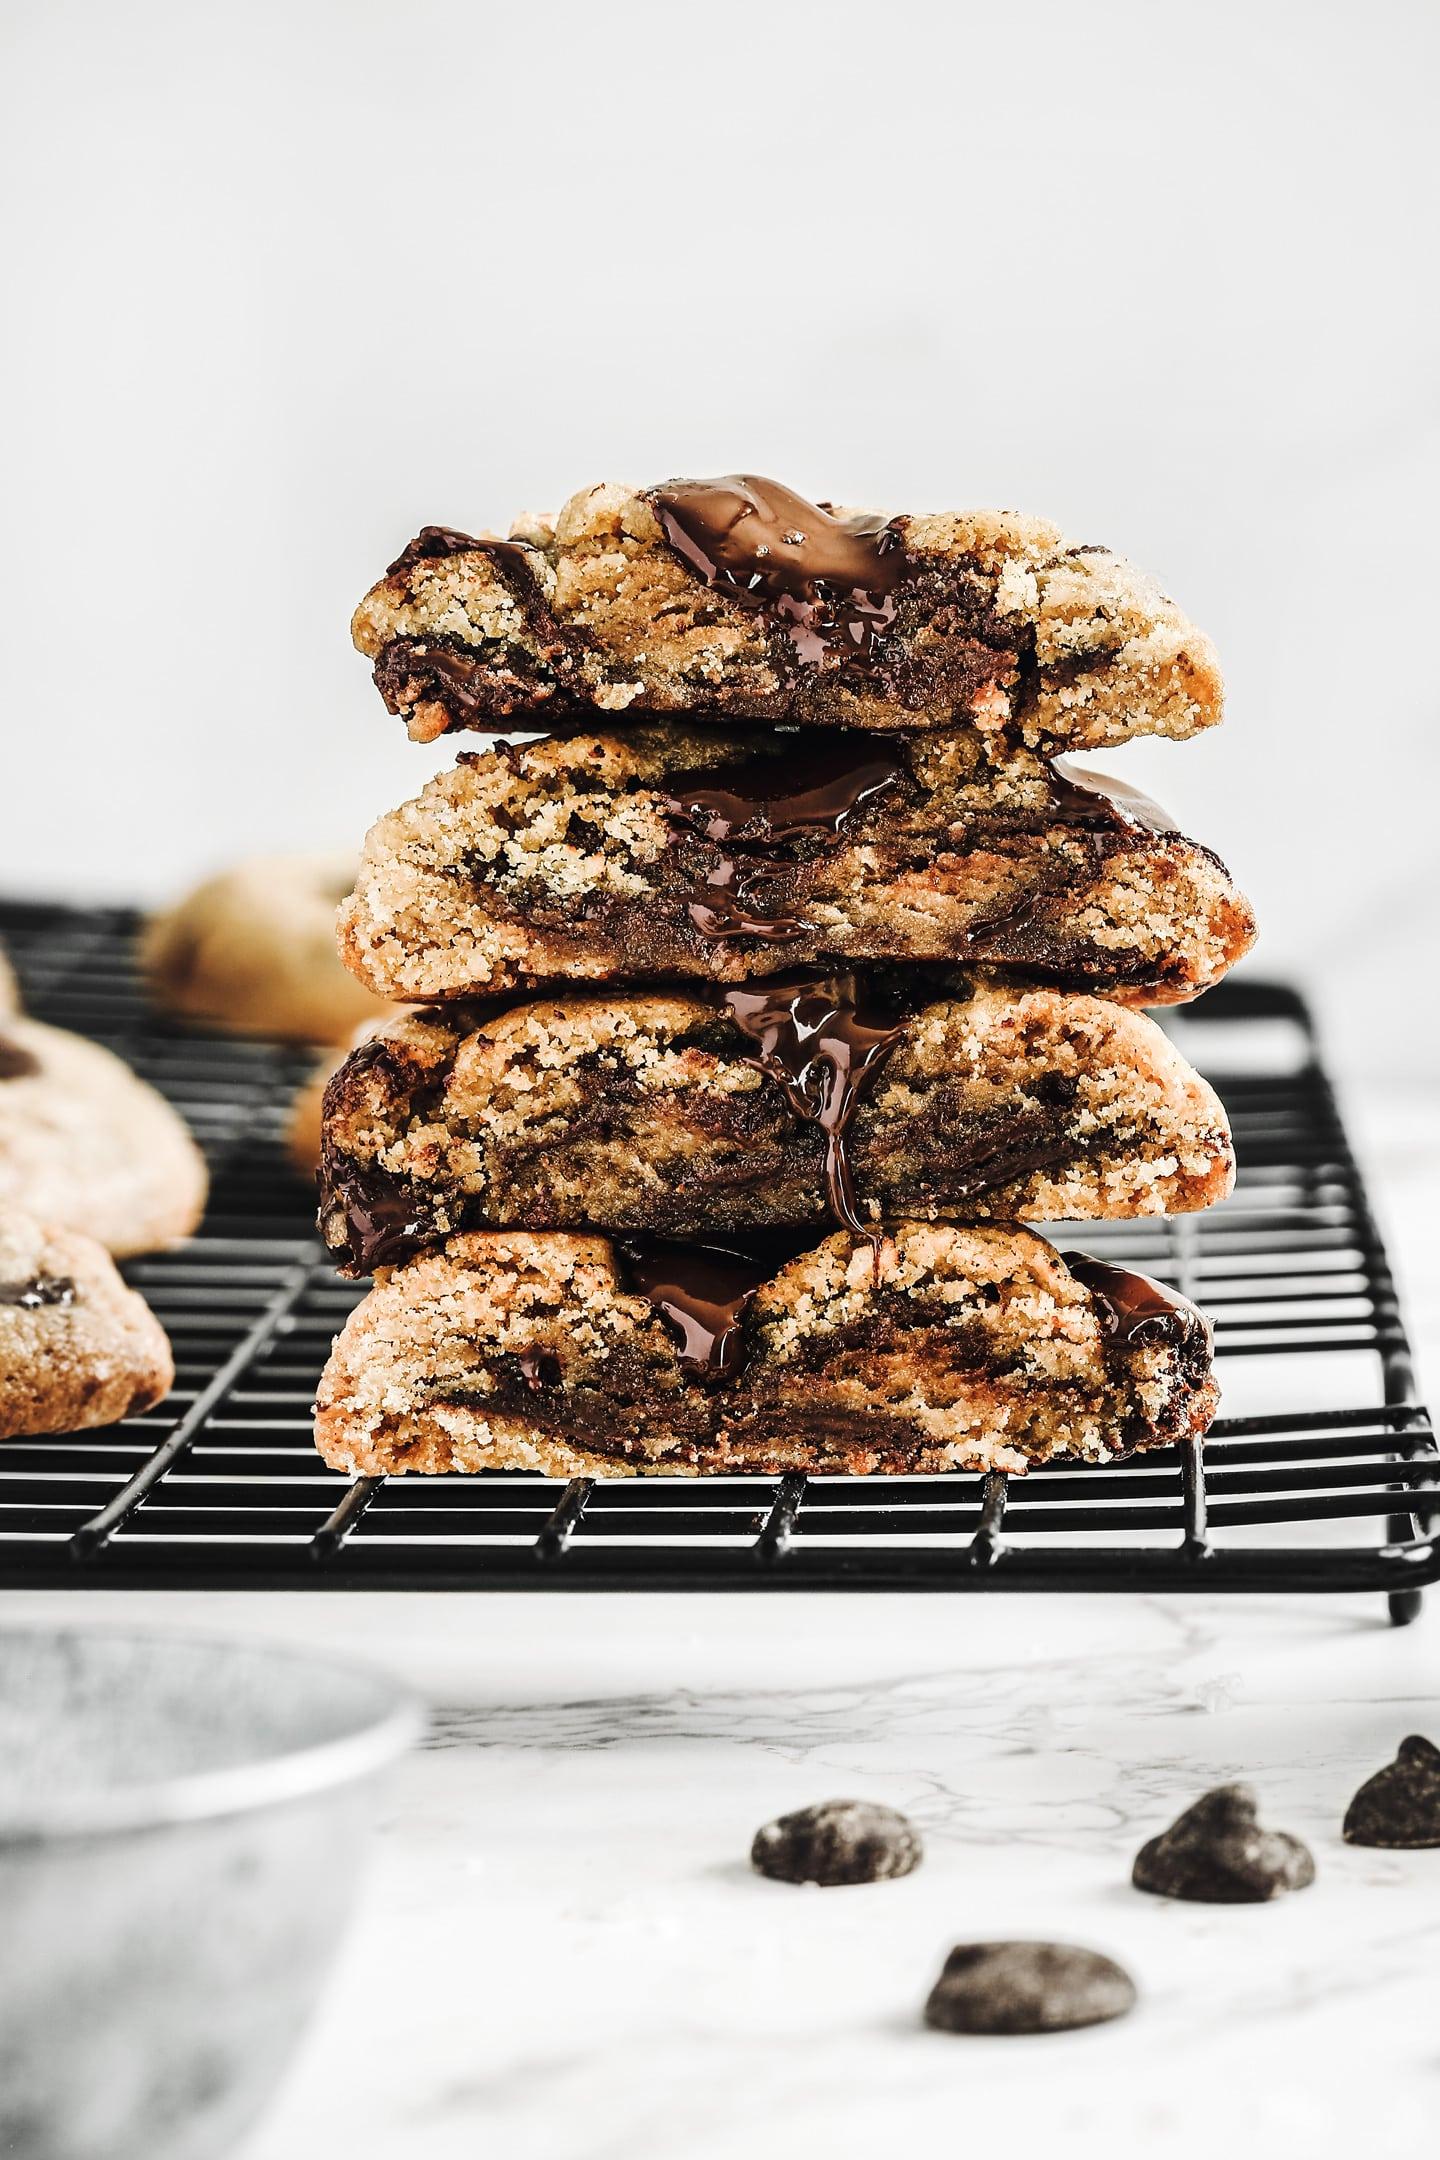 Recette facile des cookies aux pépites de chocolat